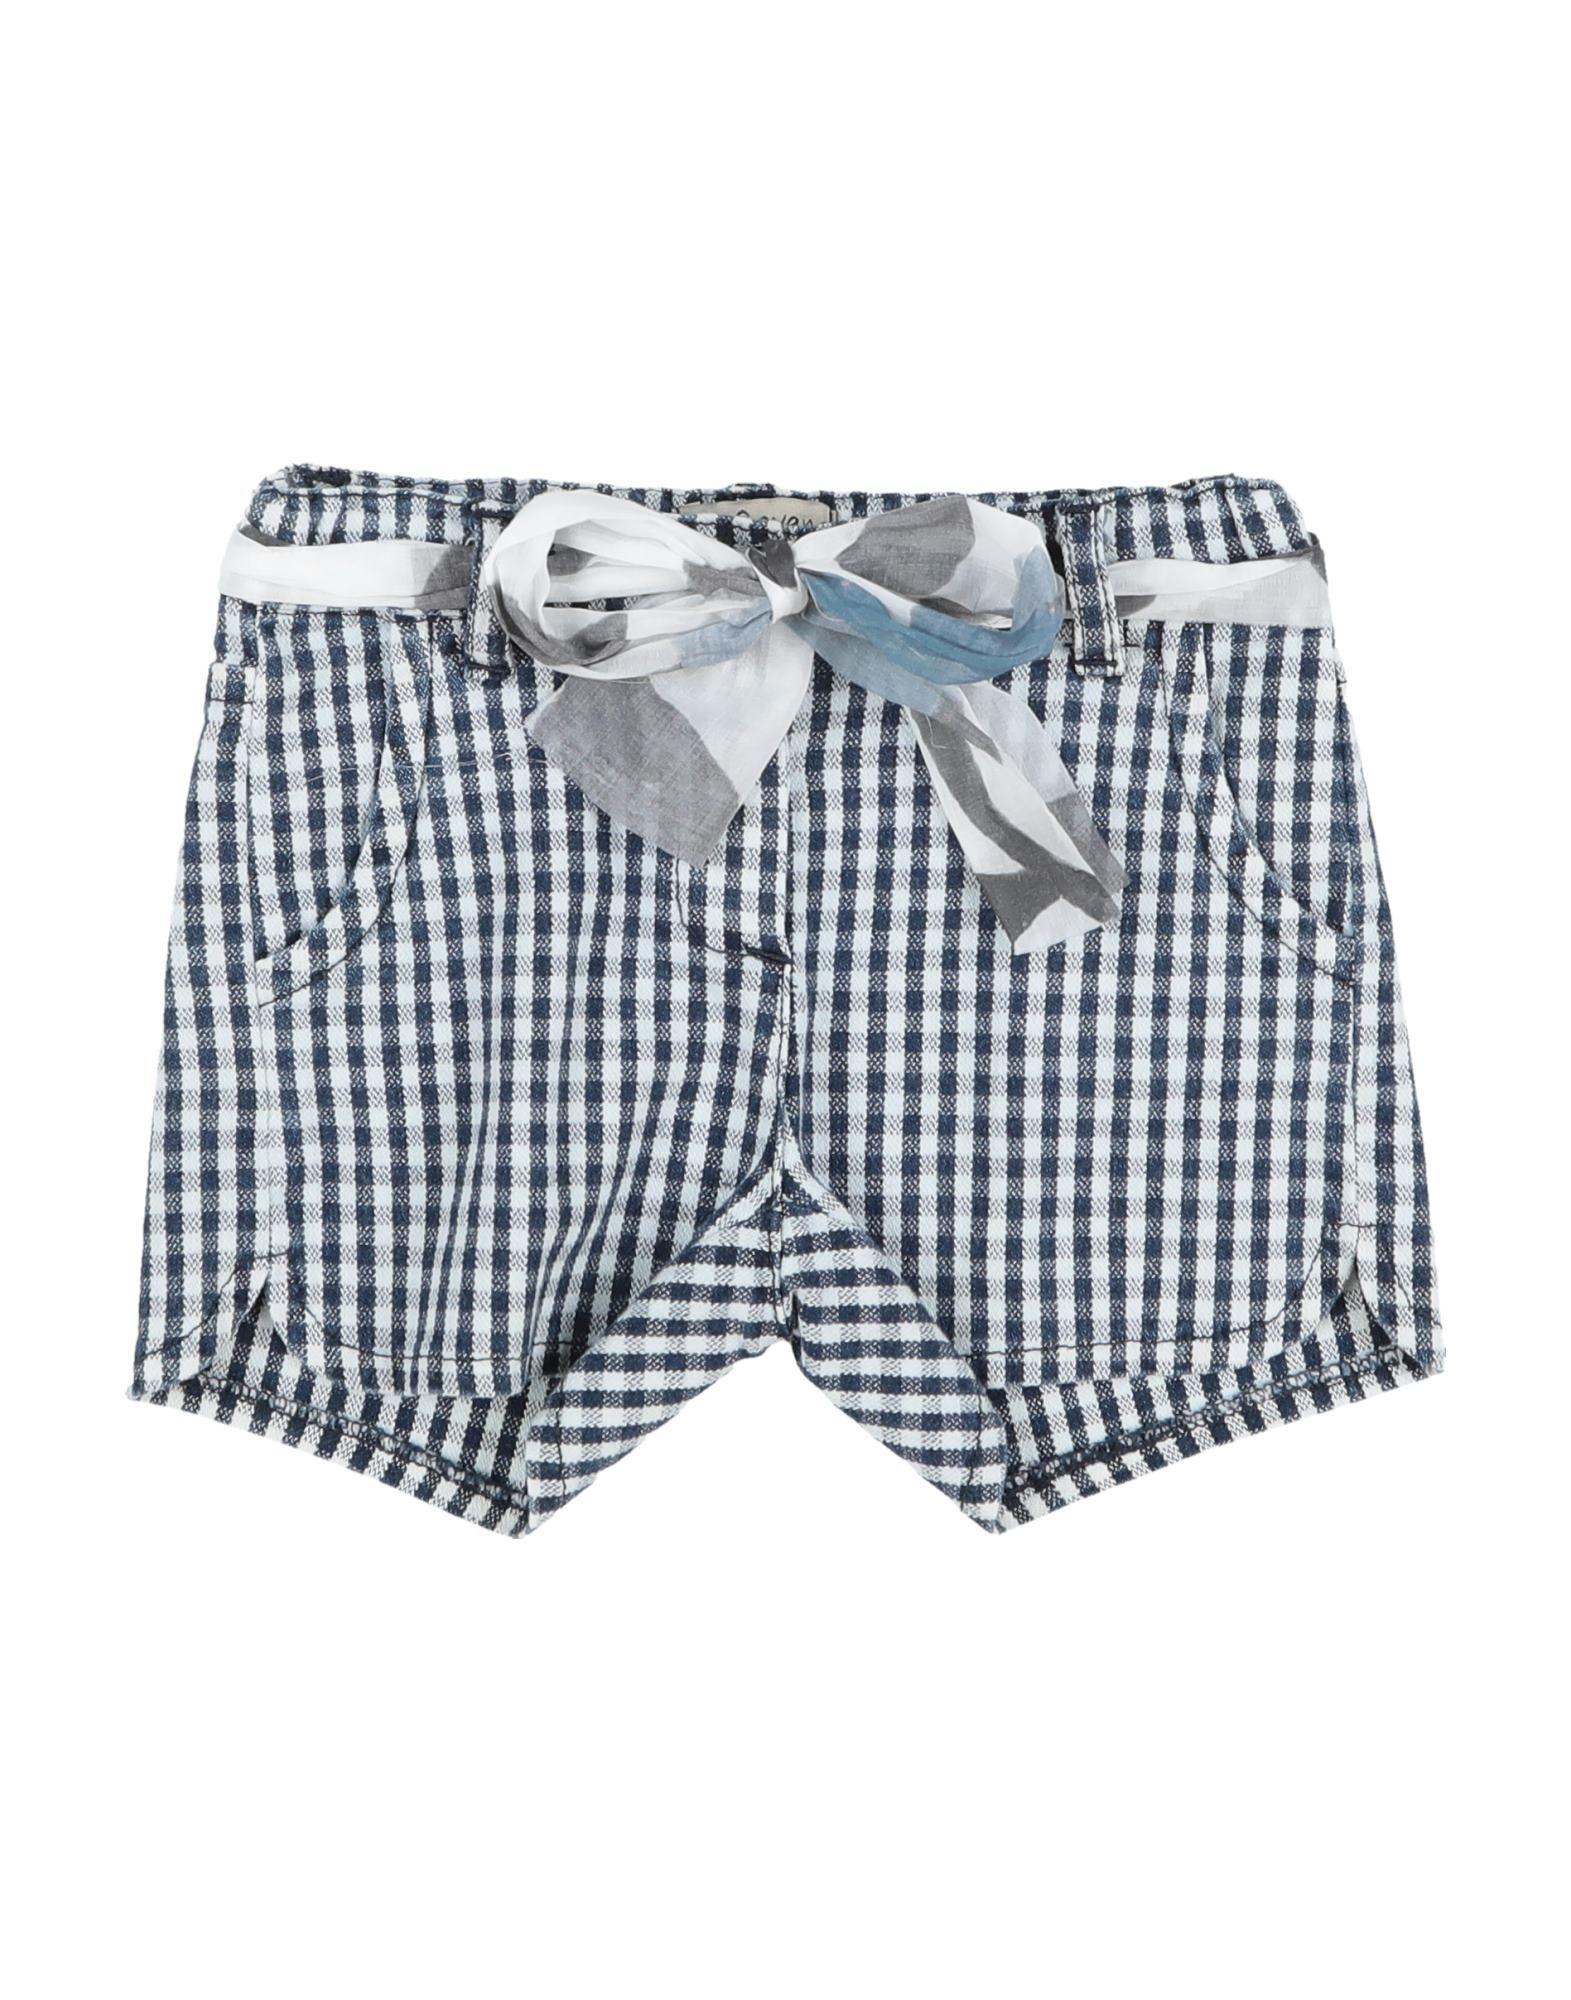 De Cavana Kids' Shorts In Gray